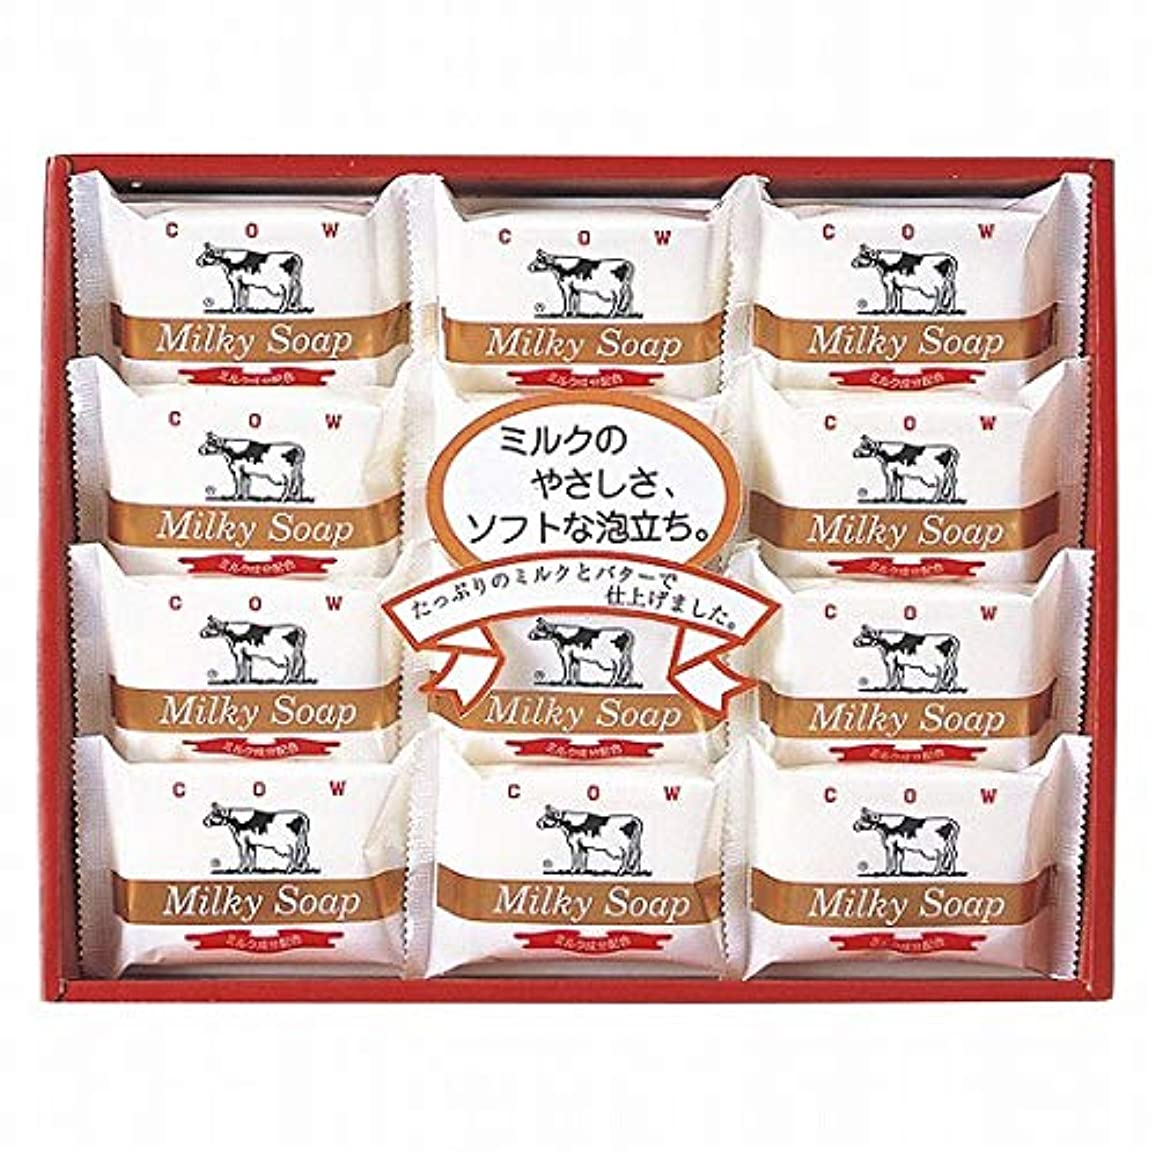 ソビエト歴史的君主牛乳石鹸 ゴールドソープセット